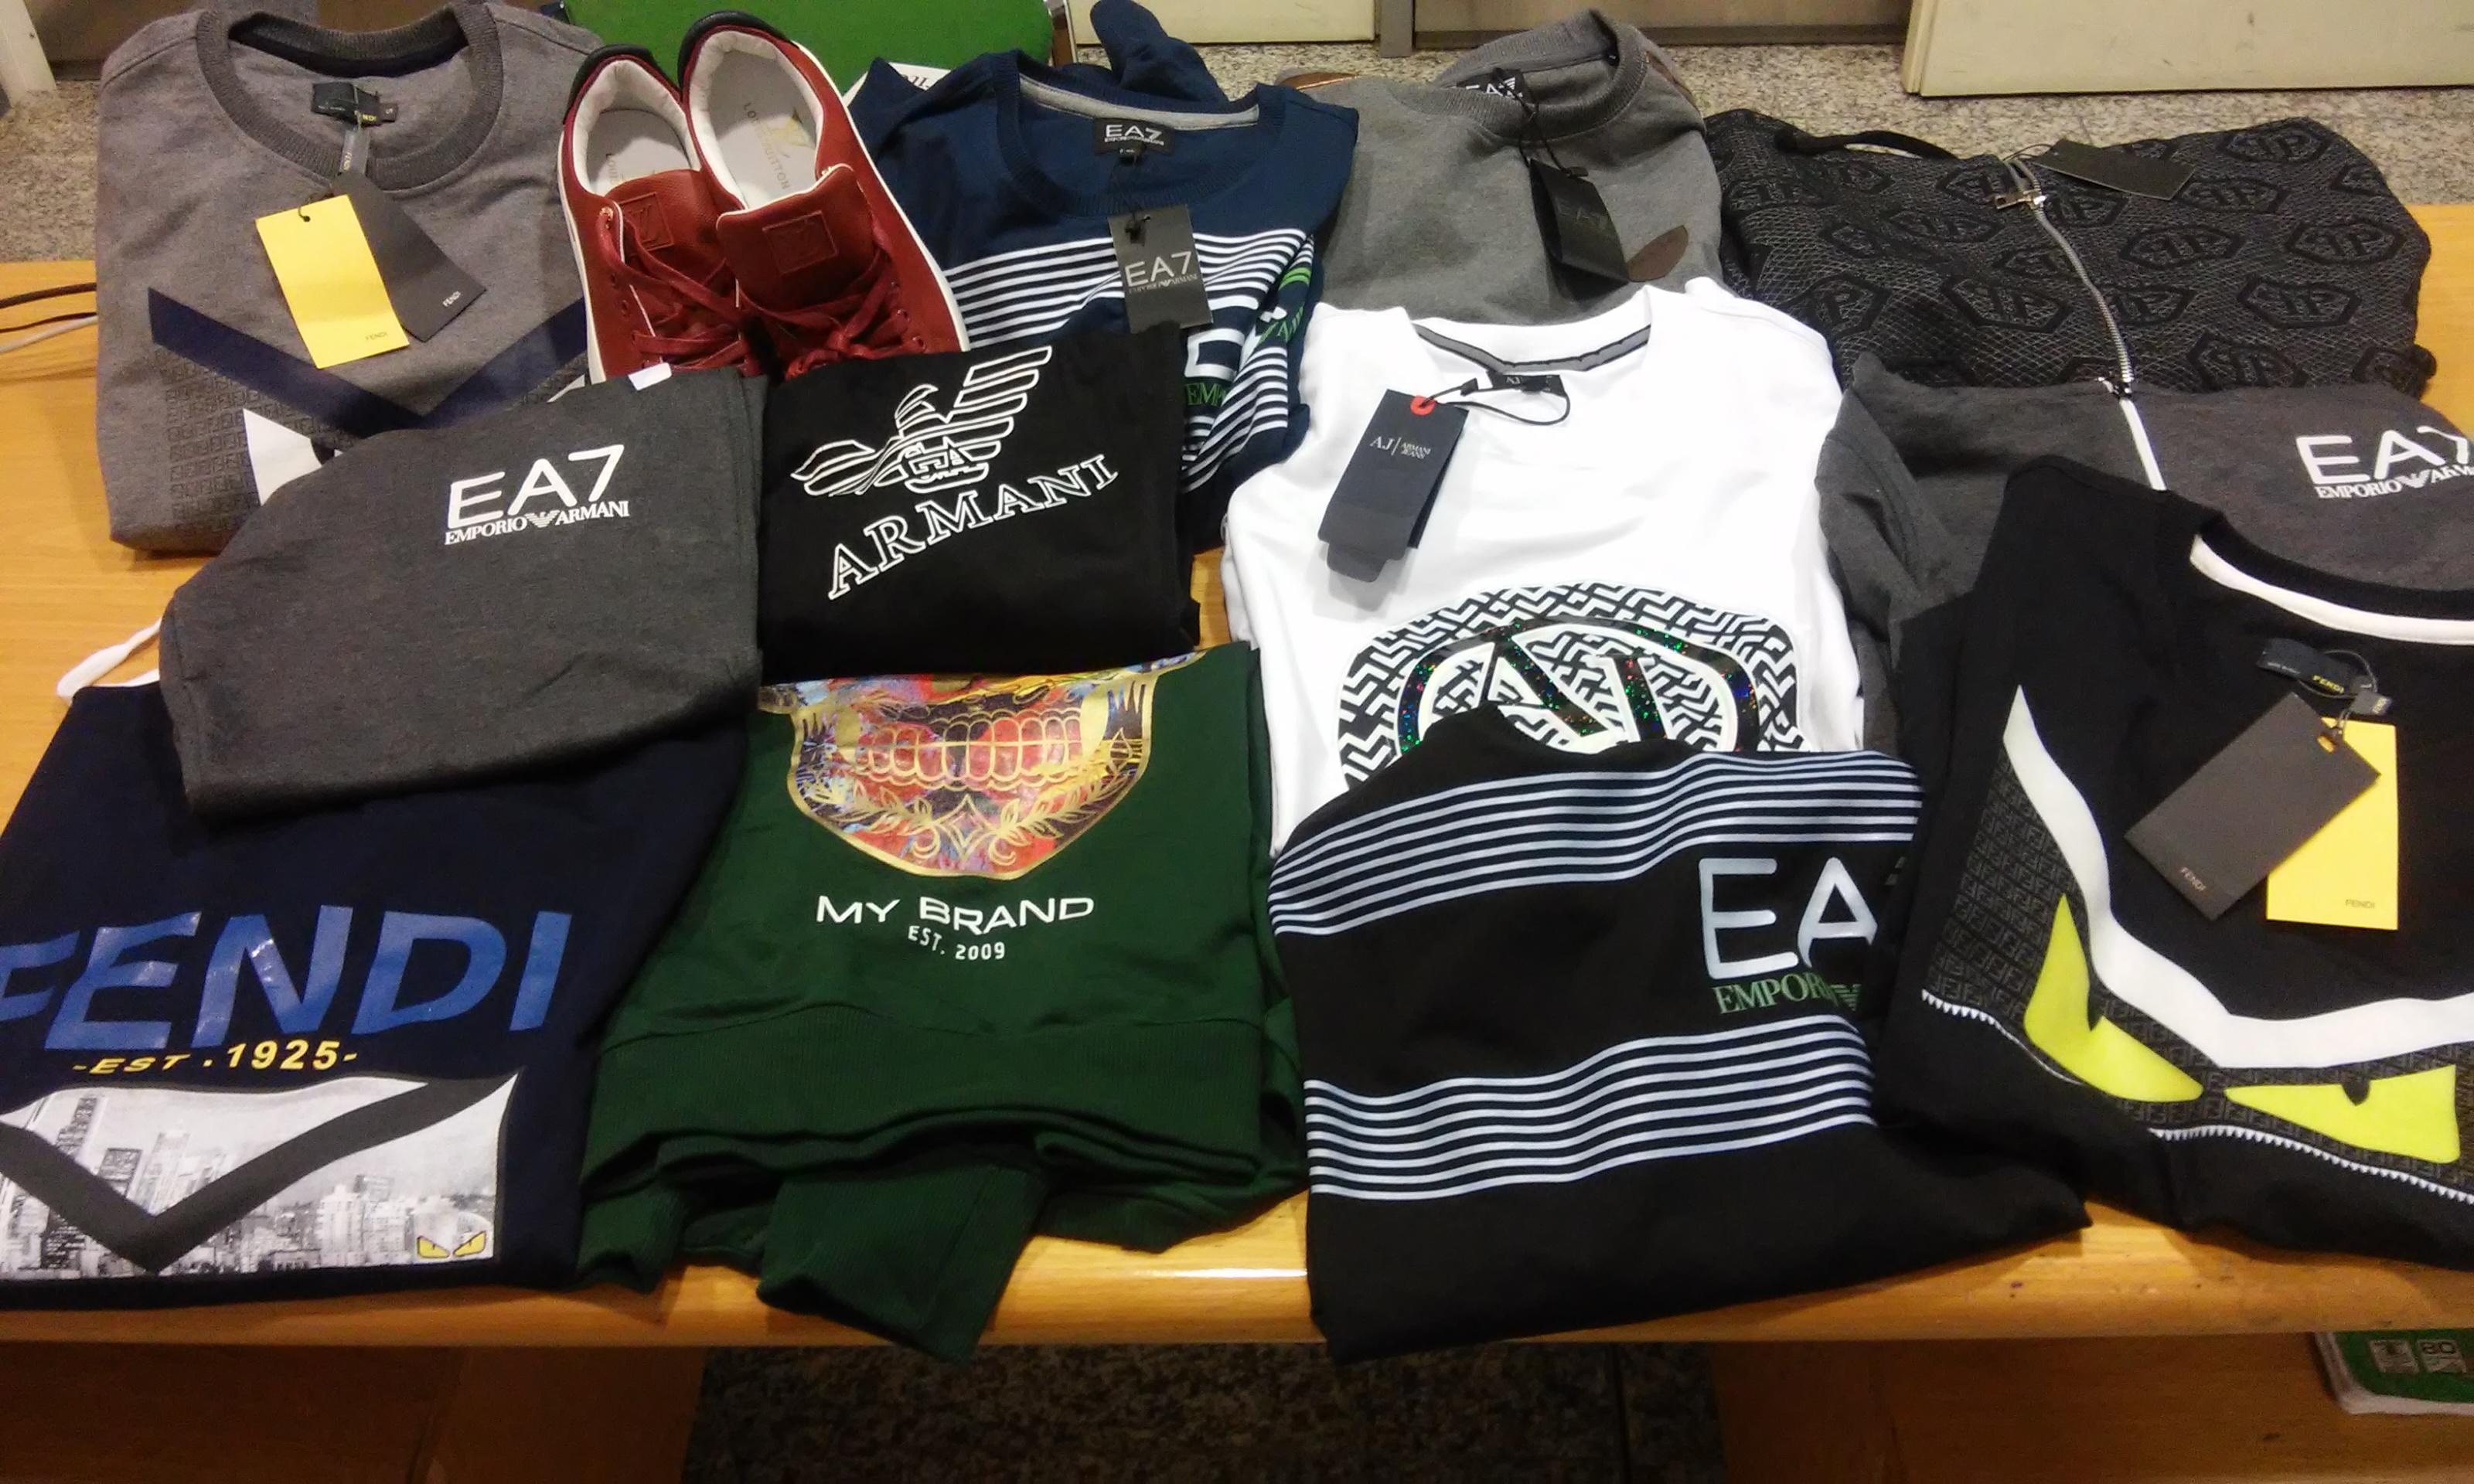 c239d17cb3 Maxi sequestro di abbigliamento falso all'aeroporto di Elmas, un ...